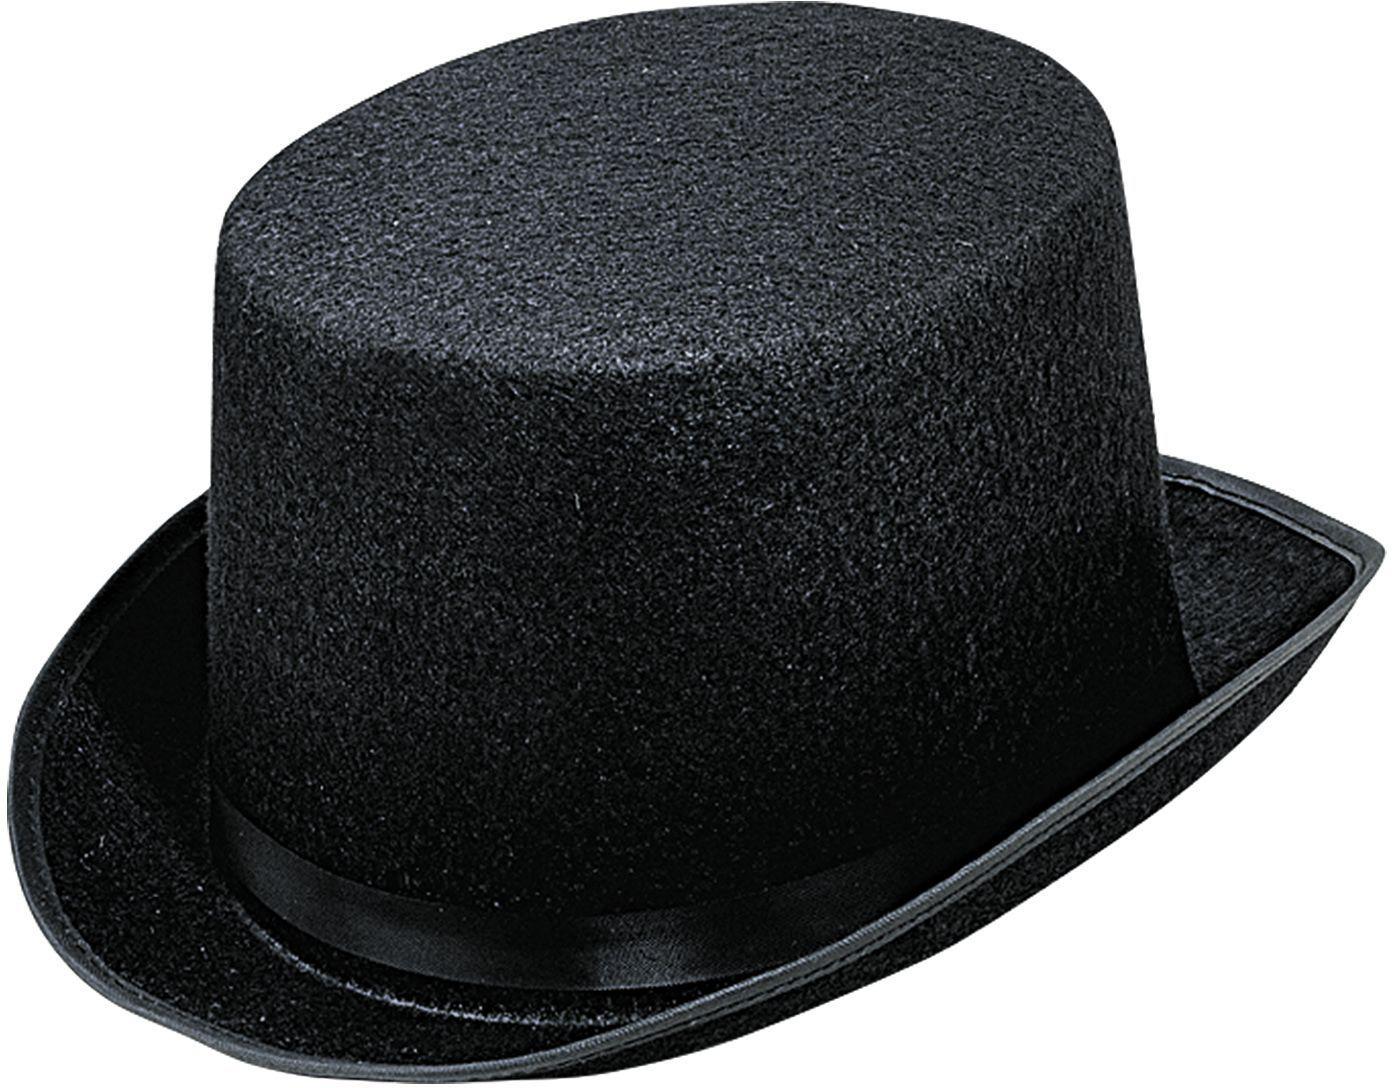 Grote zwarte hoge hoed